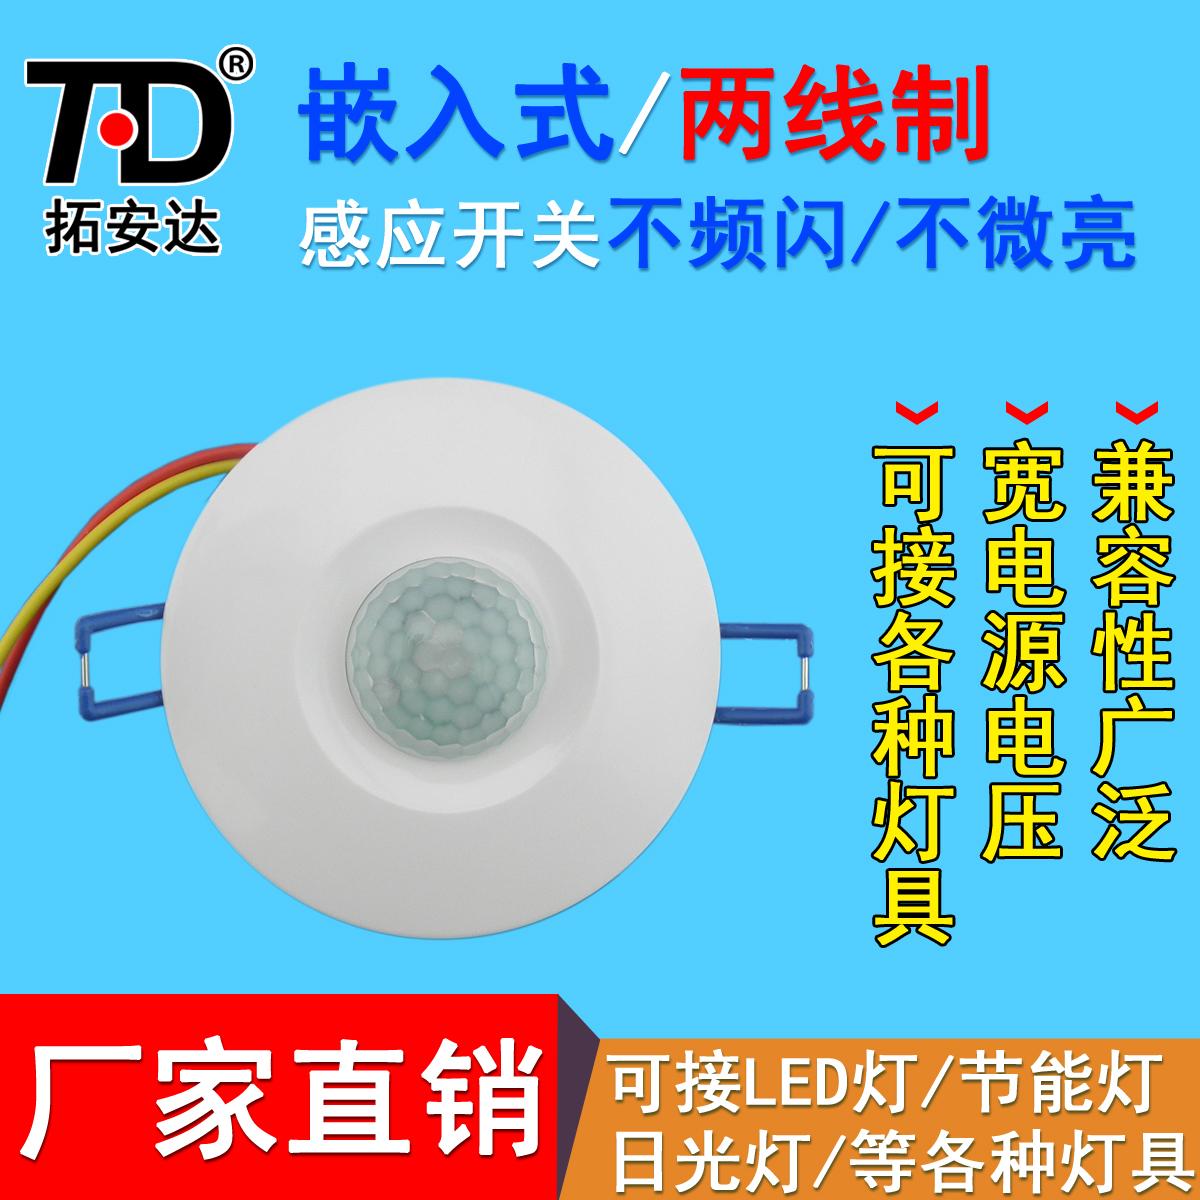 拓安达智能红外感应节能灯TAD-K616R